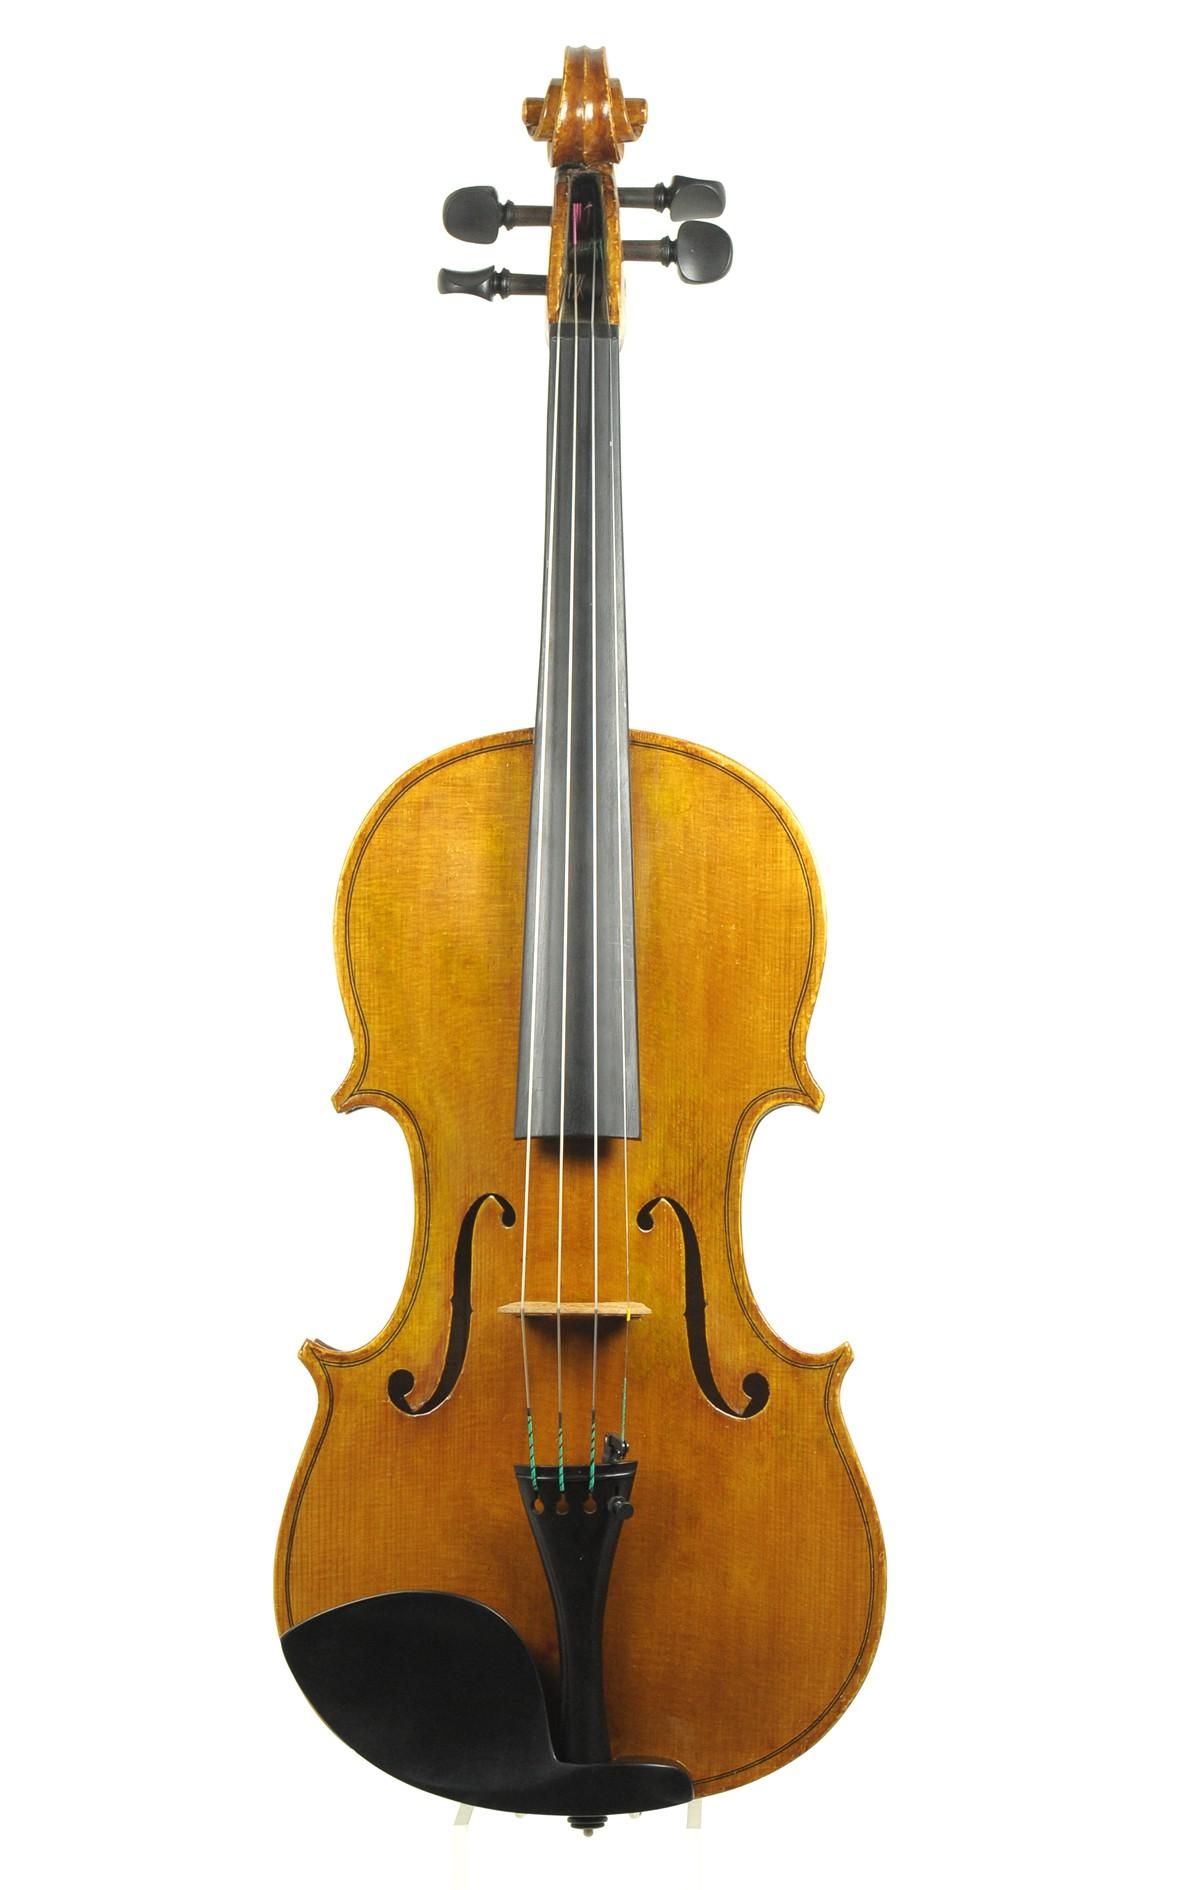 Italian violin by Delfi Merlo, Milano 1979 - top